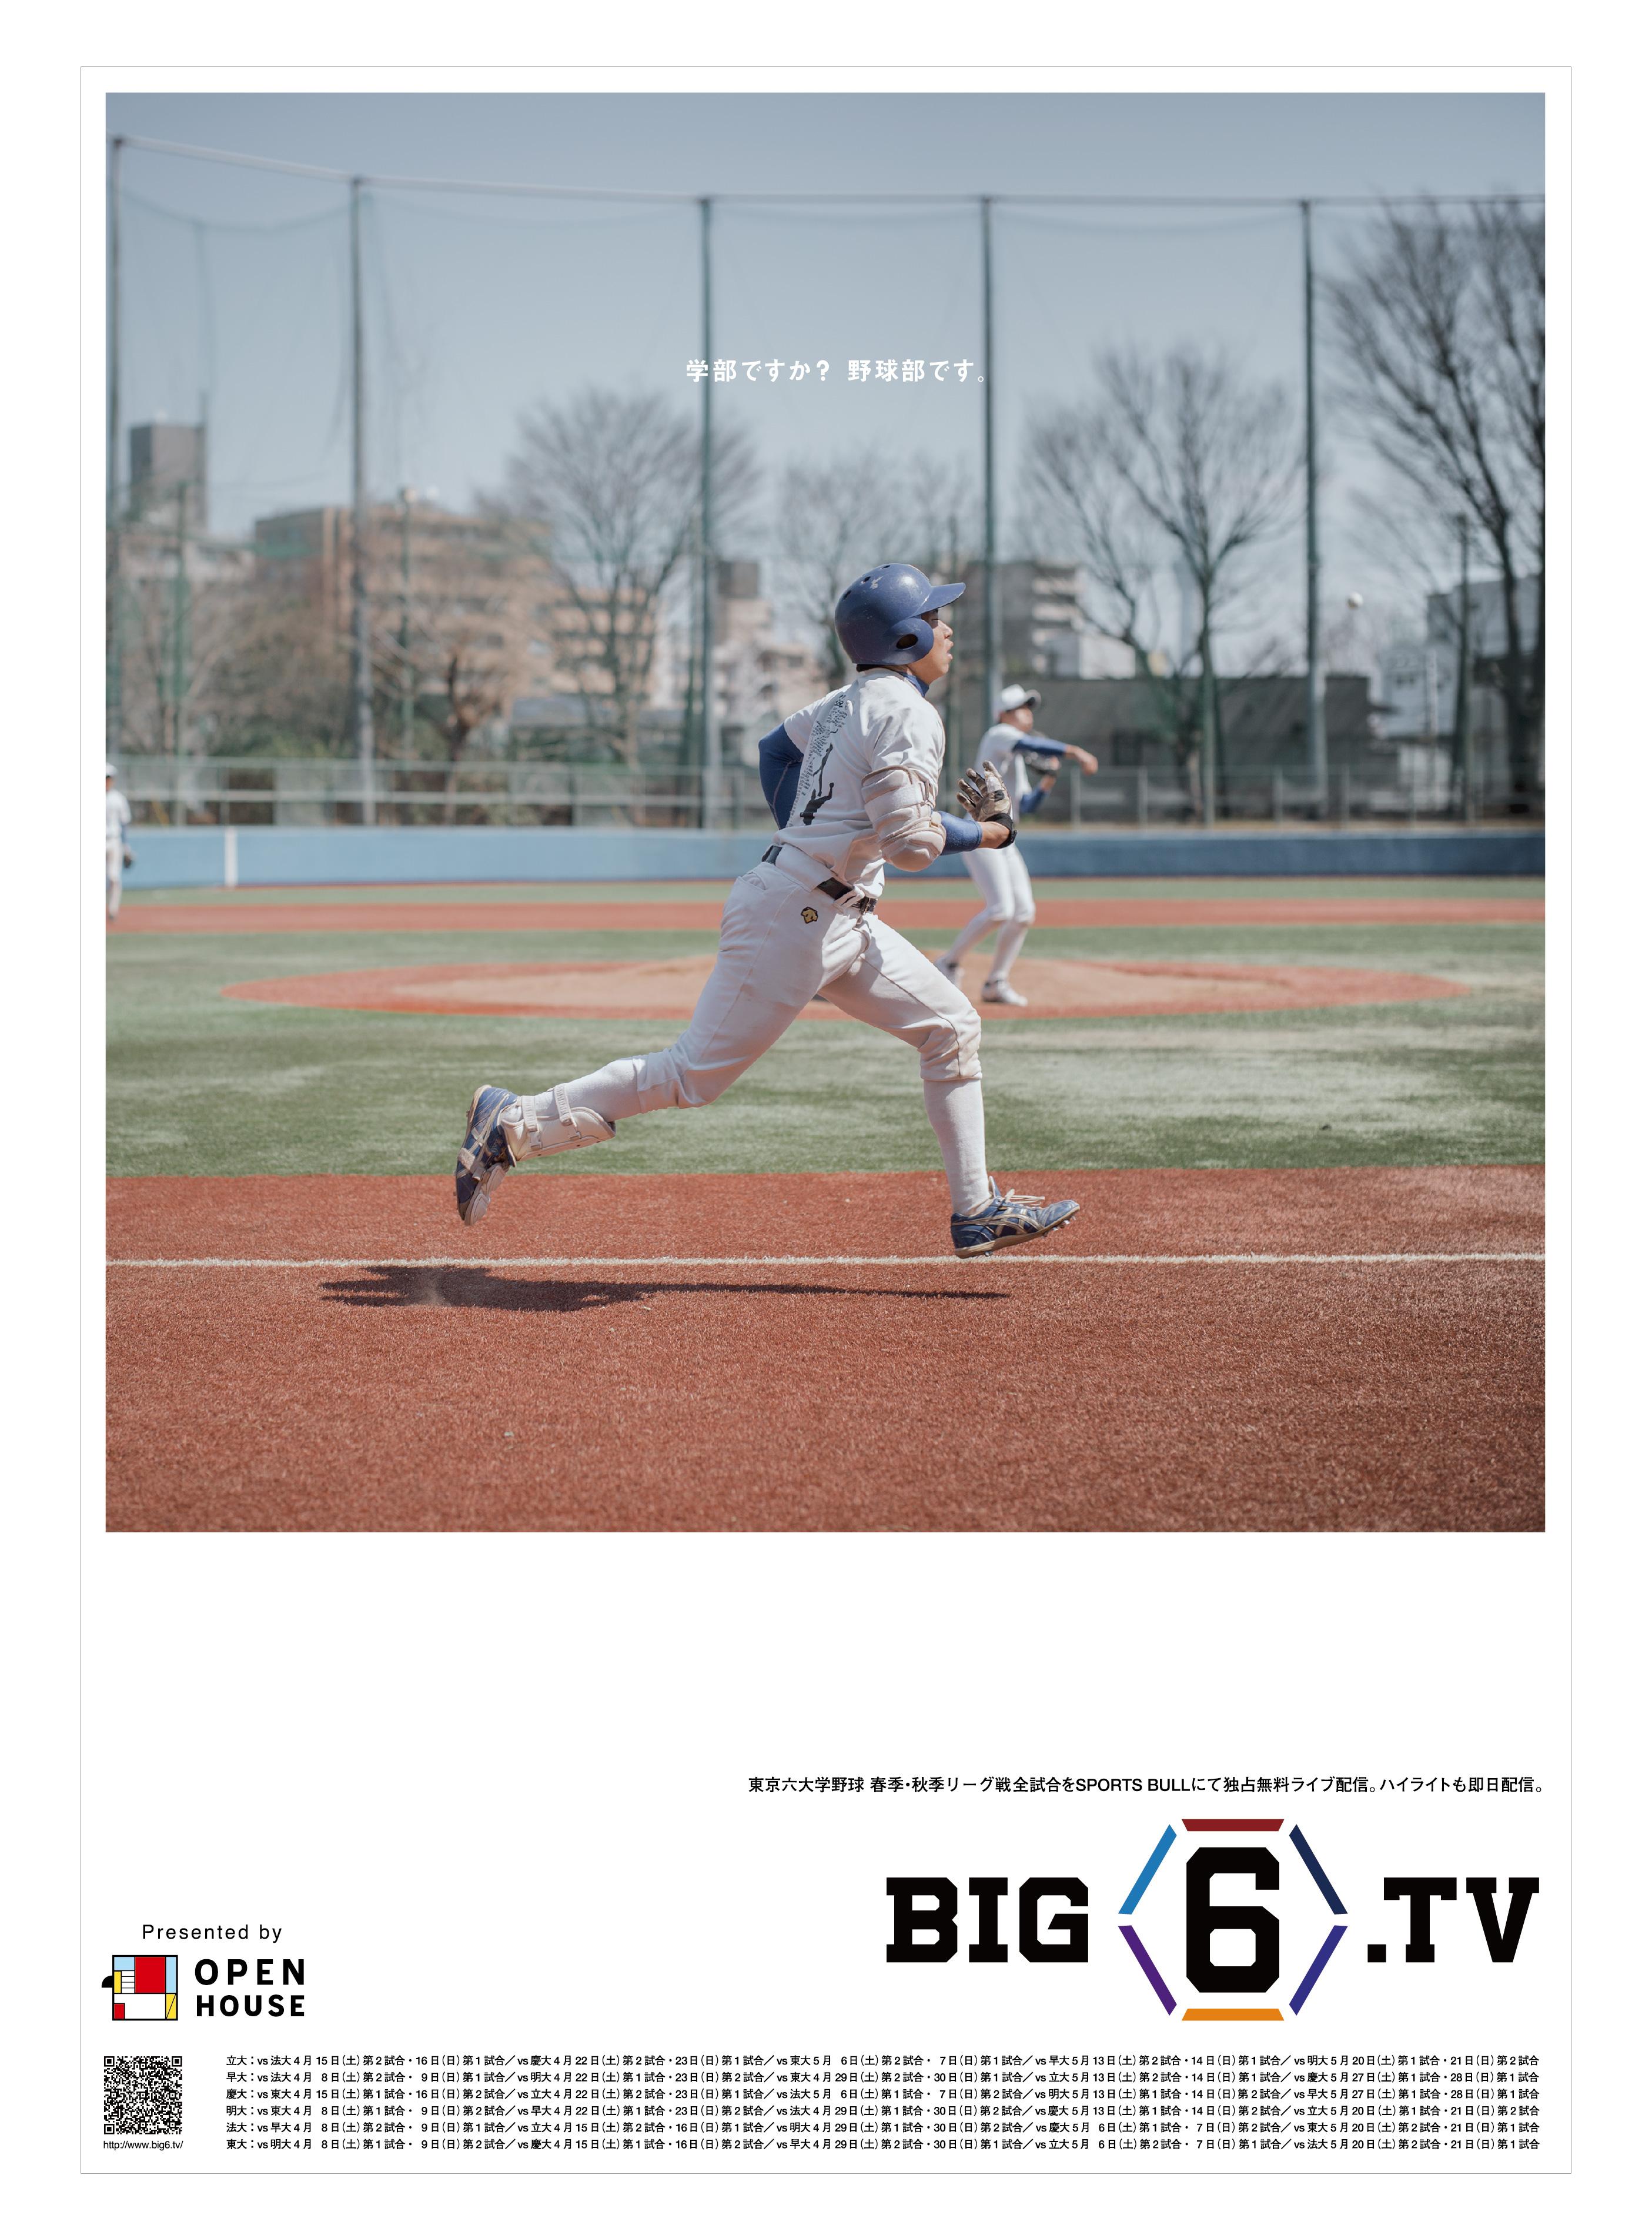 big6-18